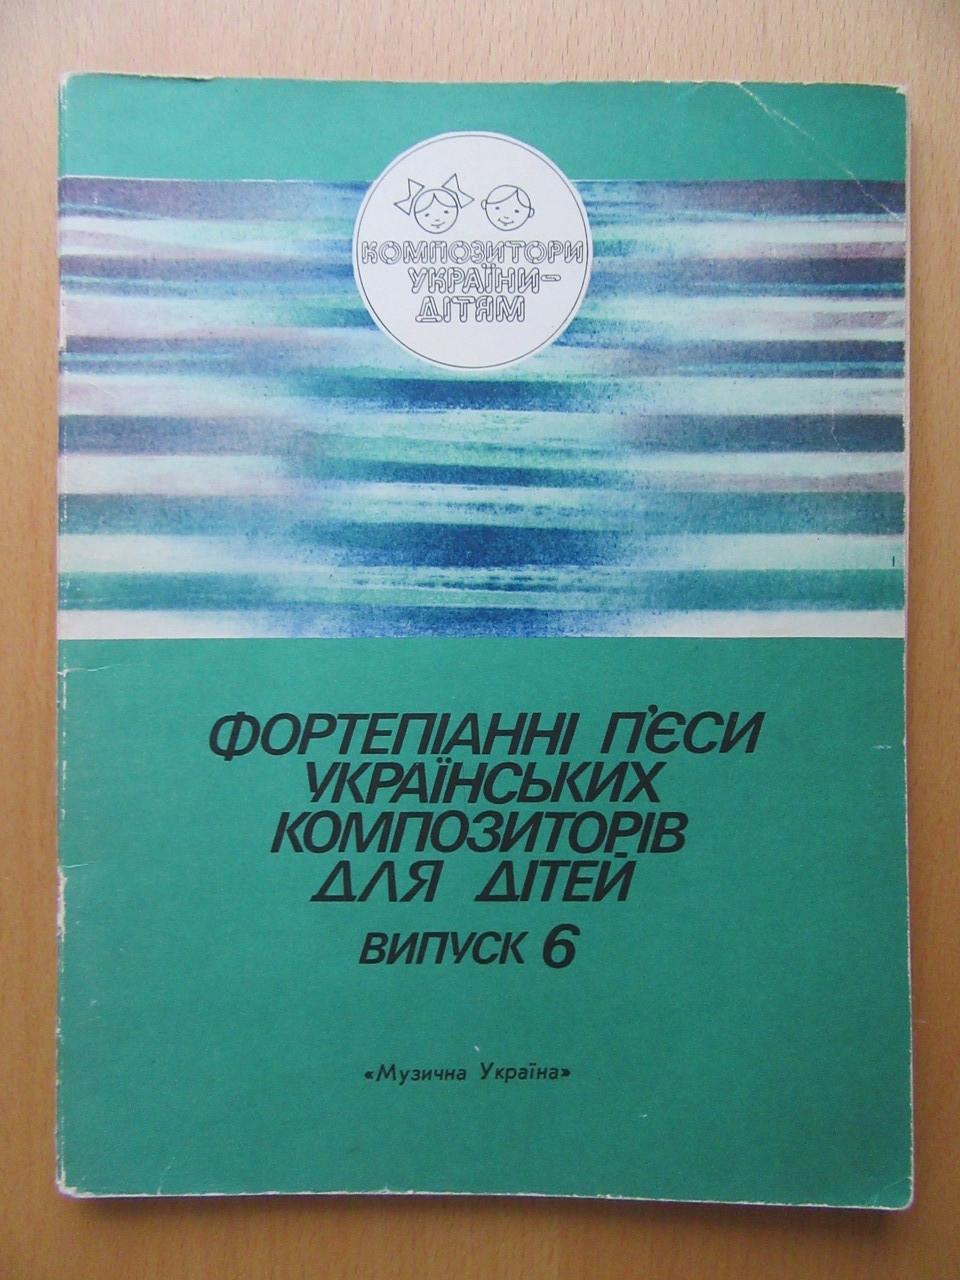 Фортепианные пьесы украинских композиторов для детей. Выпуск 6